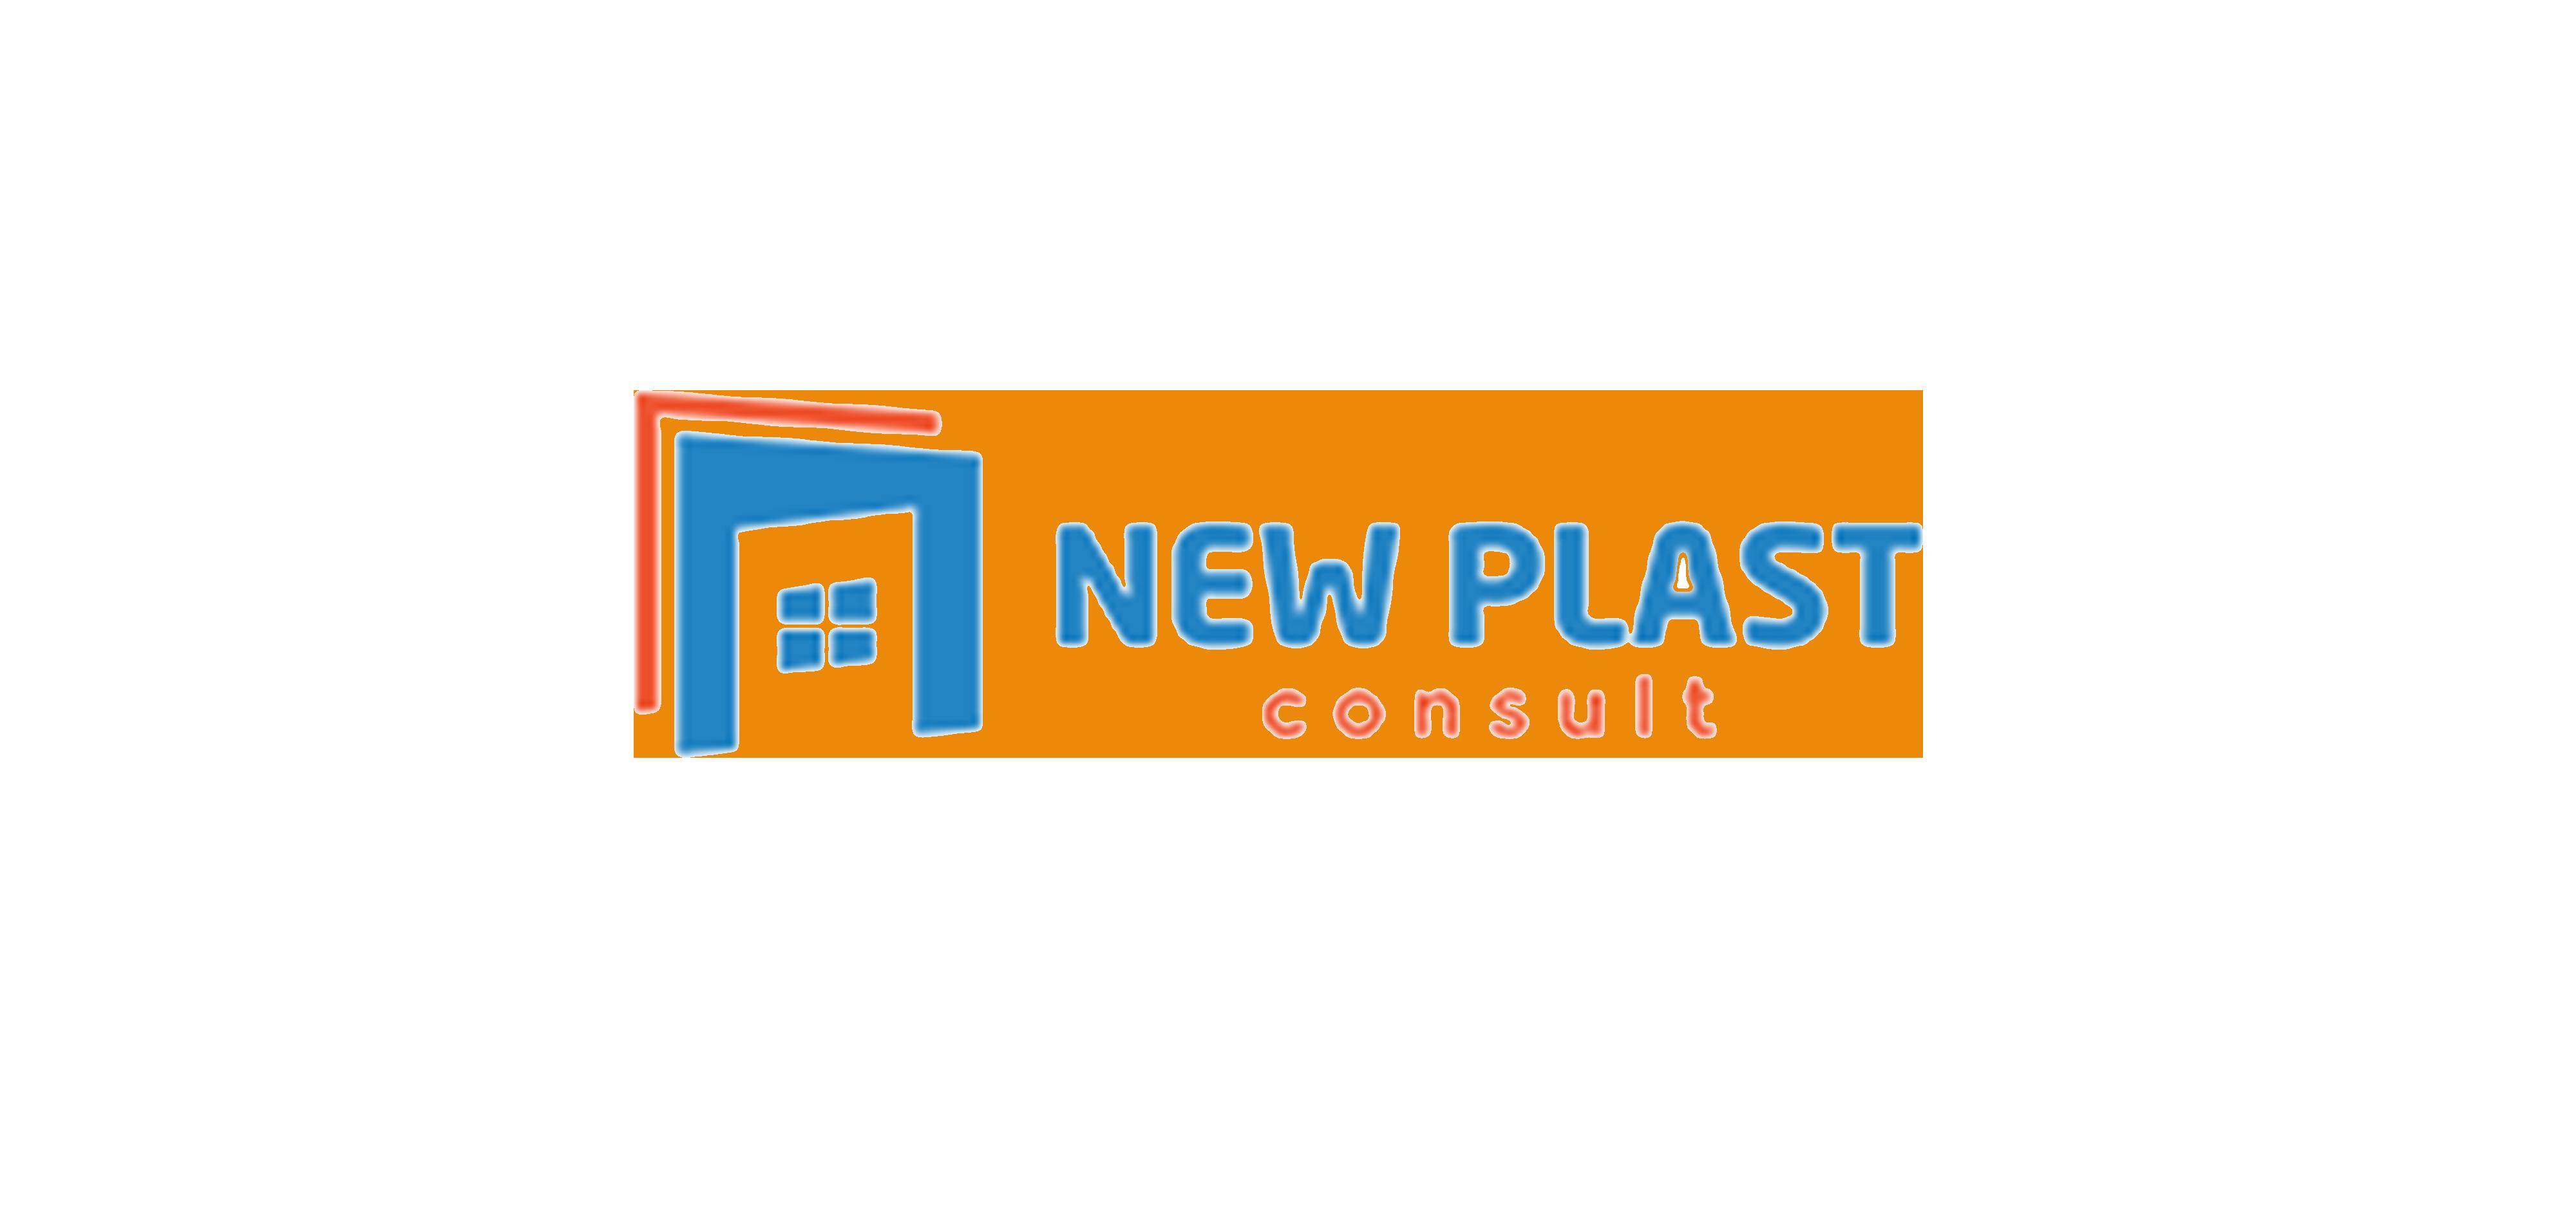 New Plast Consult